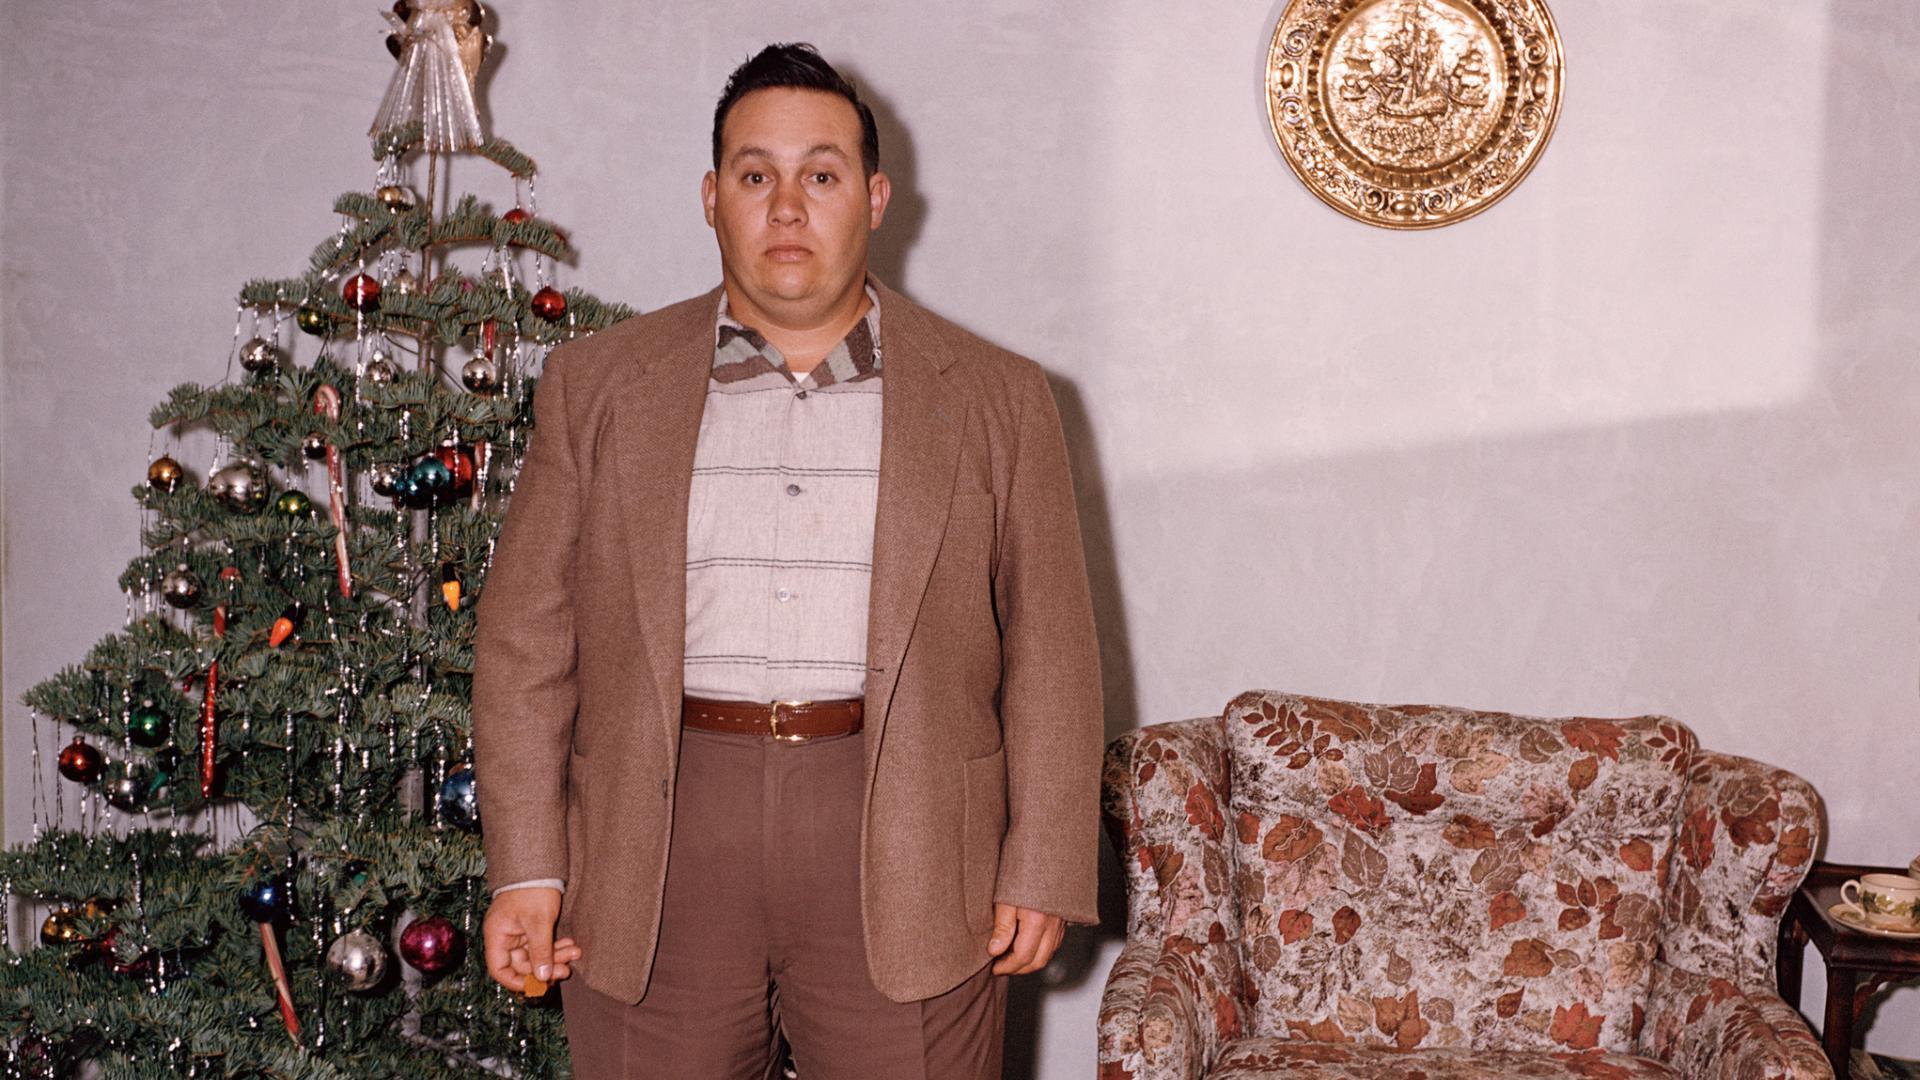 mann weihnachtsbaum weihnachten dick wohnzimmer